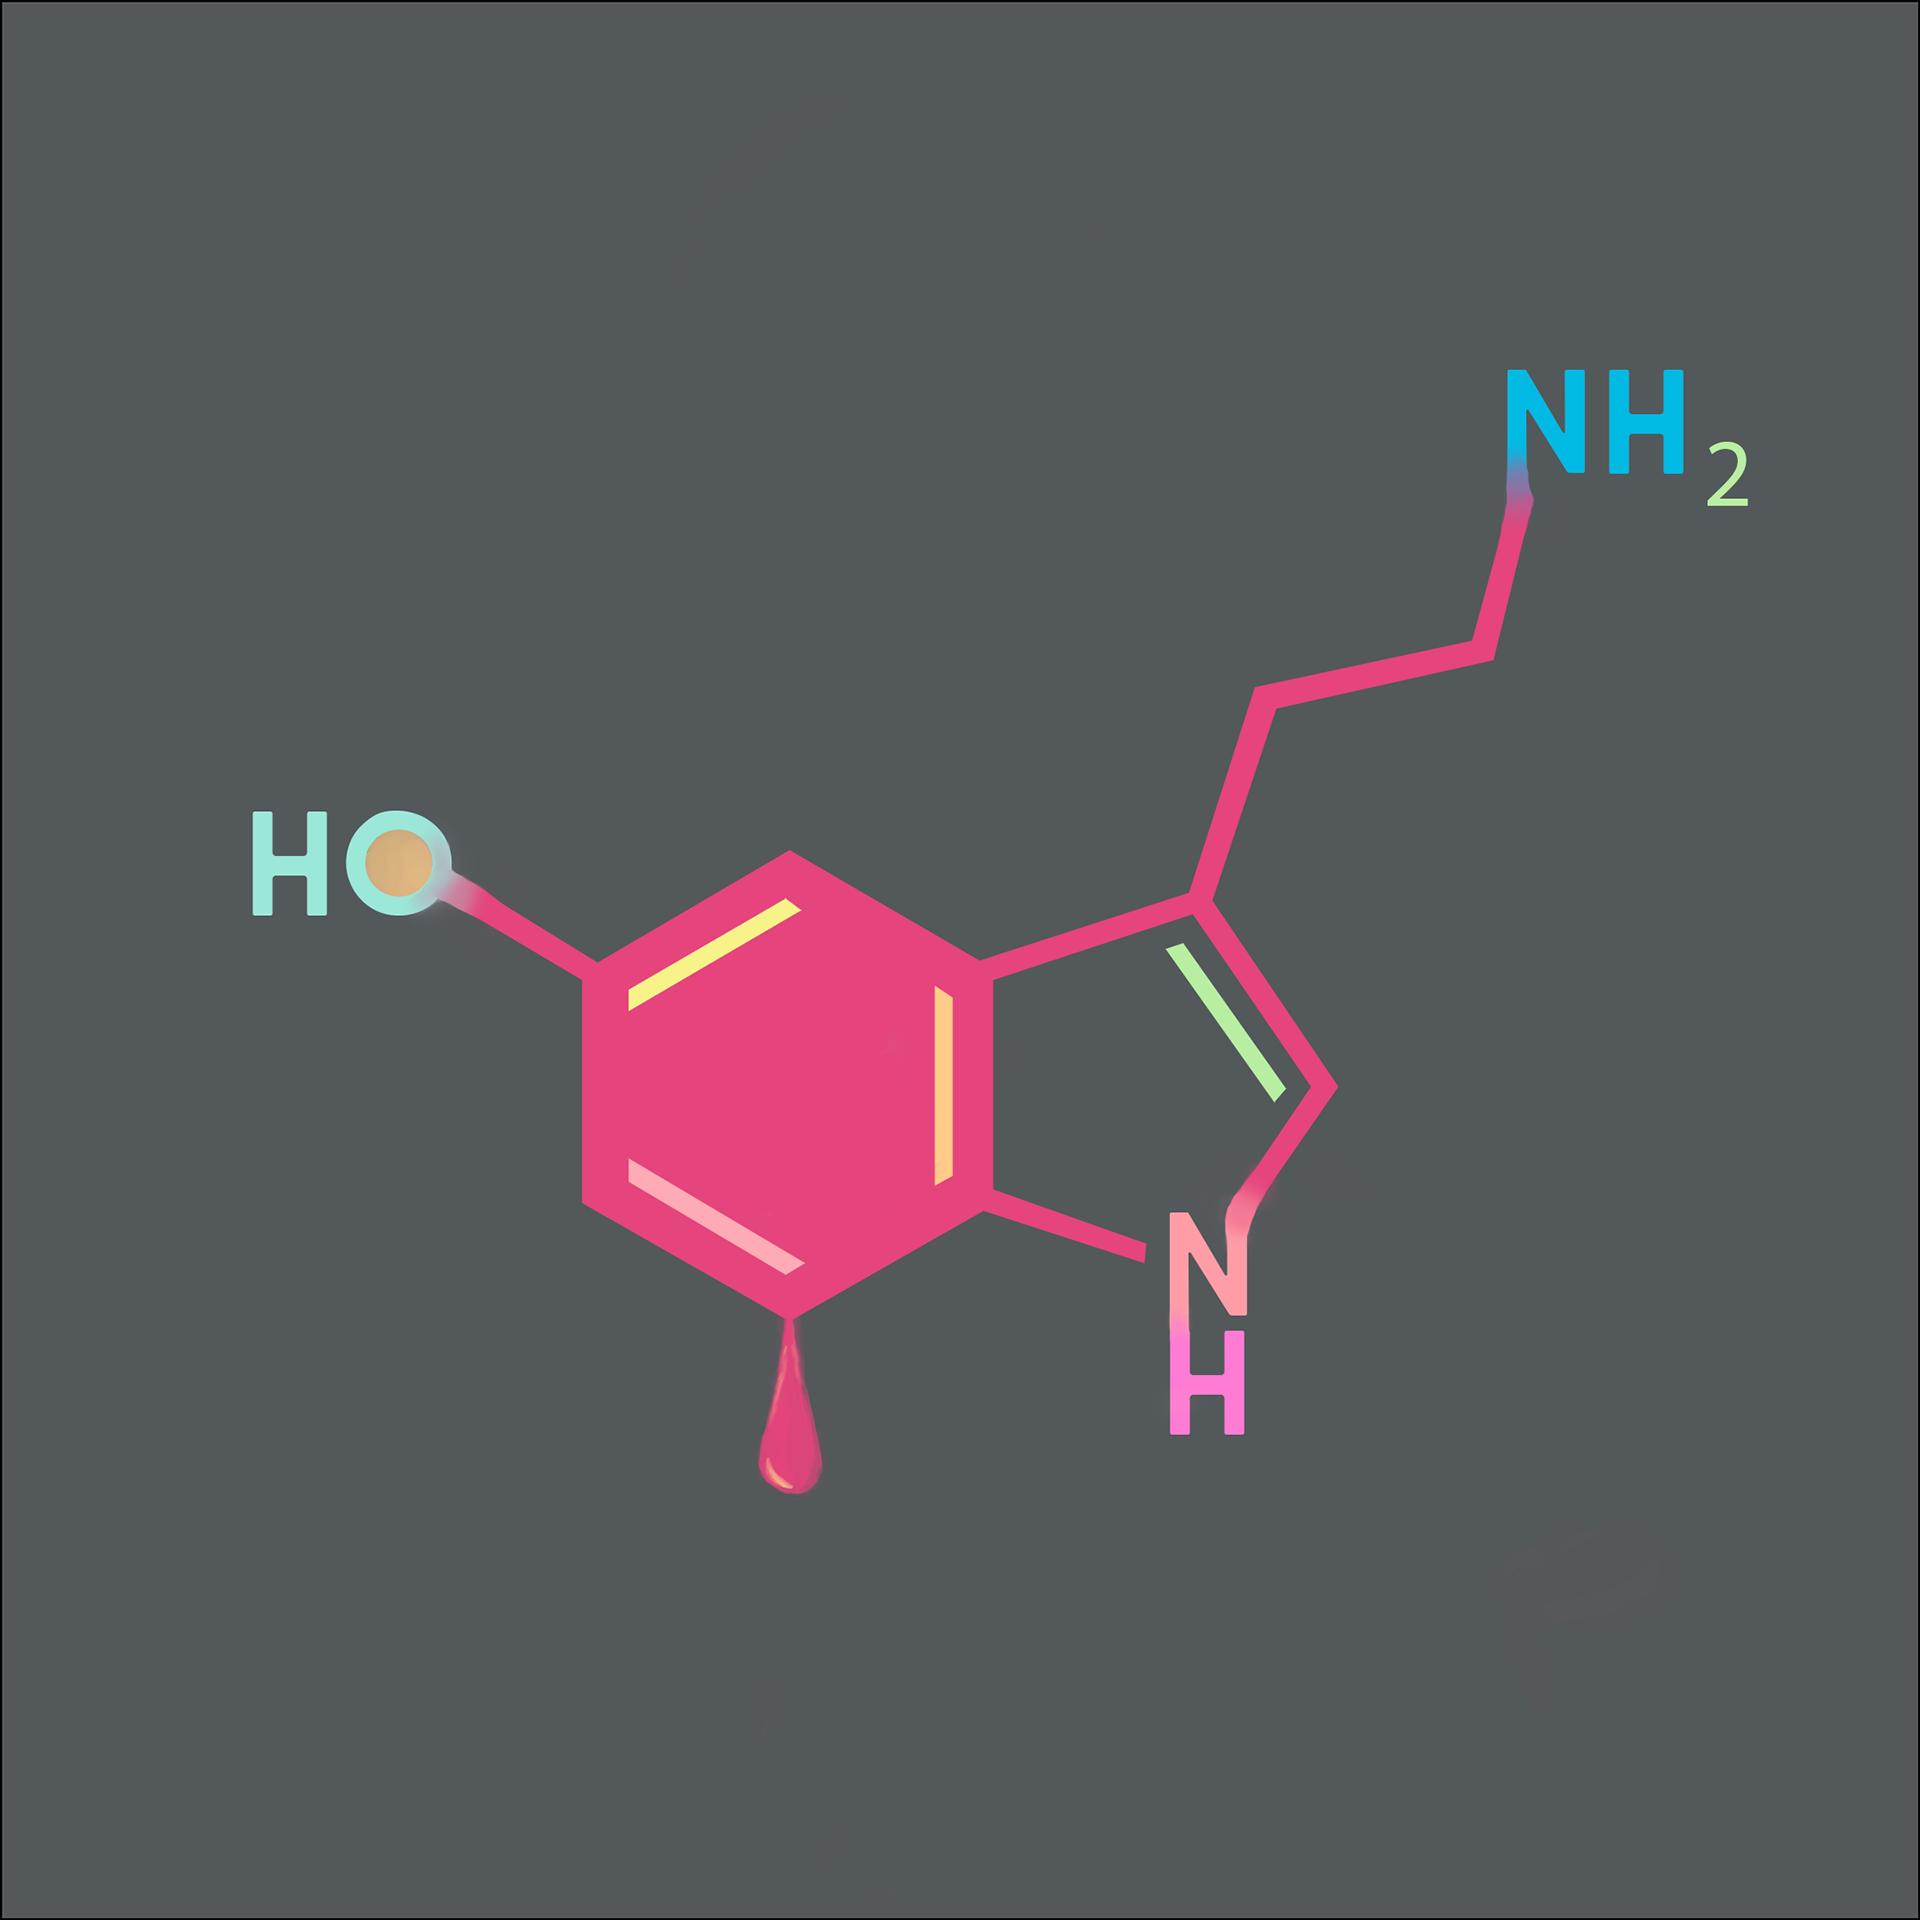 همین مولکول کوچیک و زیبا میتونه اینهمه زندگی ما رو دگرگون کنه!